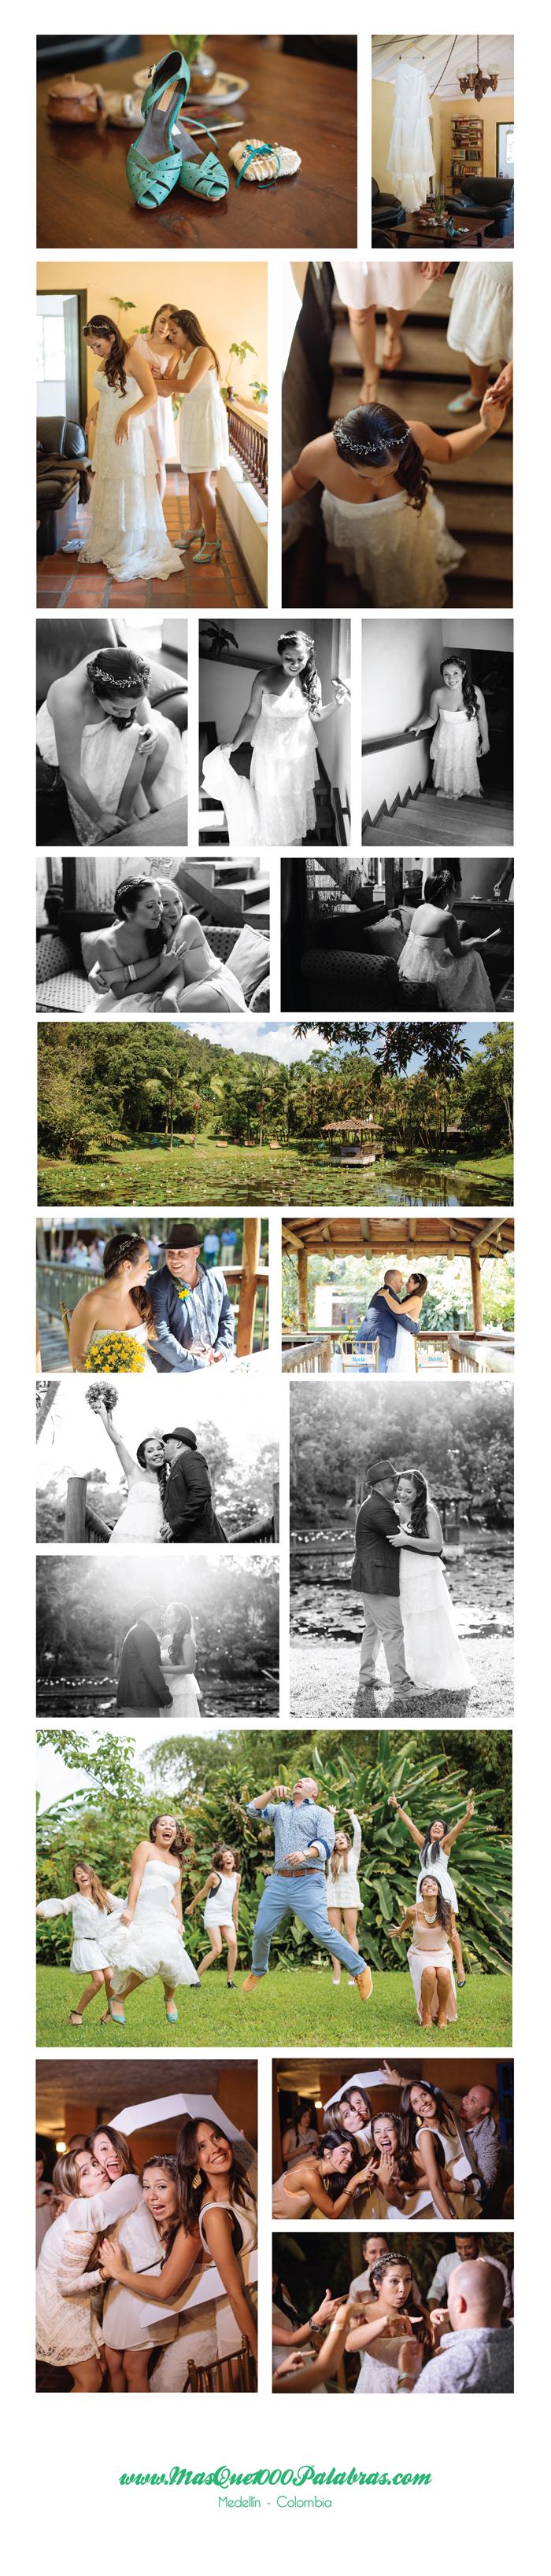 Fotos boda Poli y Dani Medellin